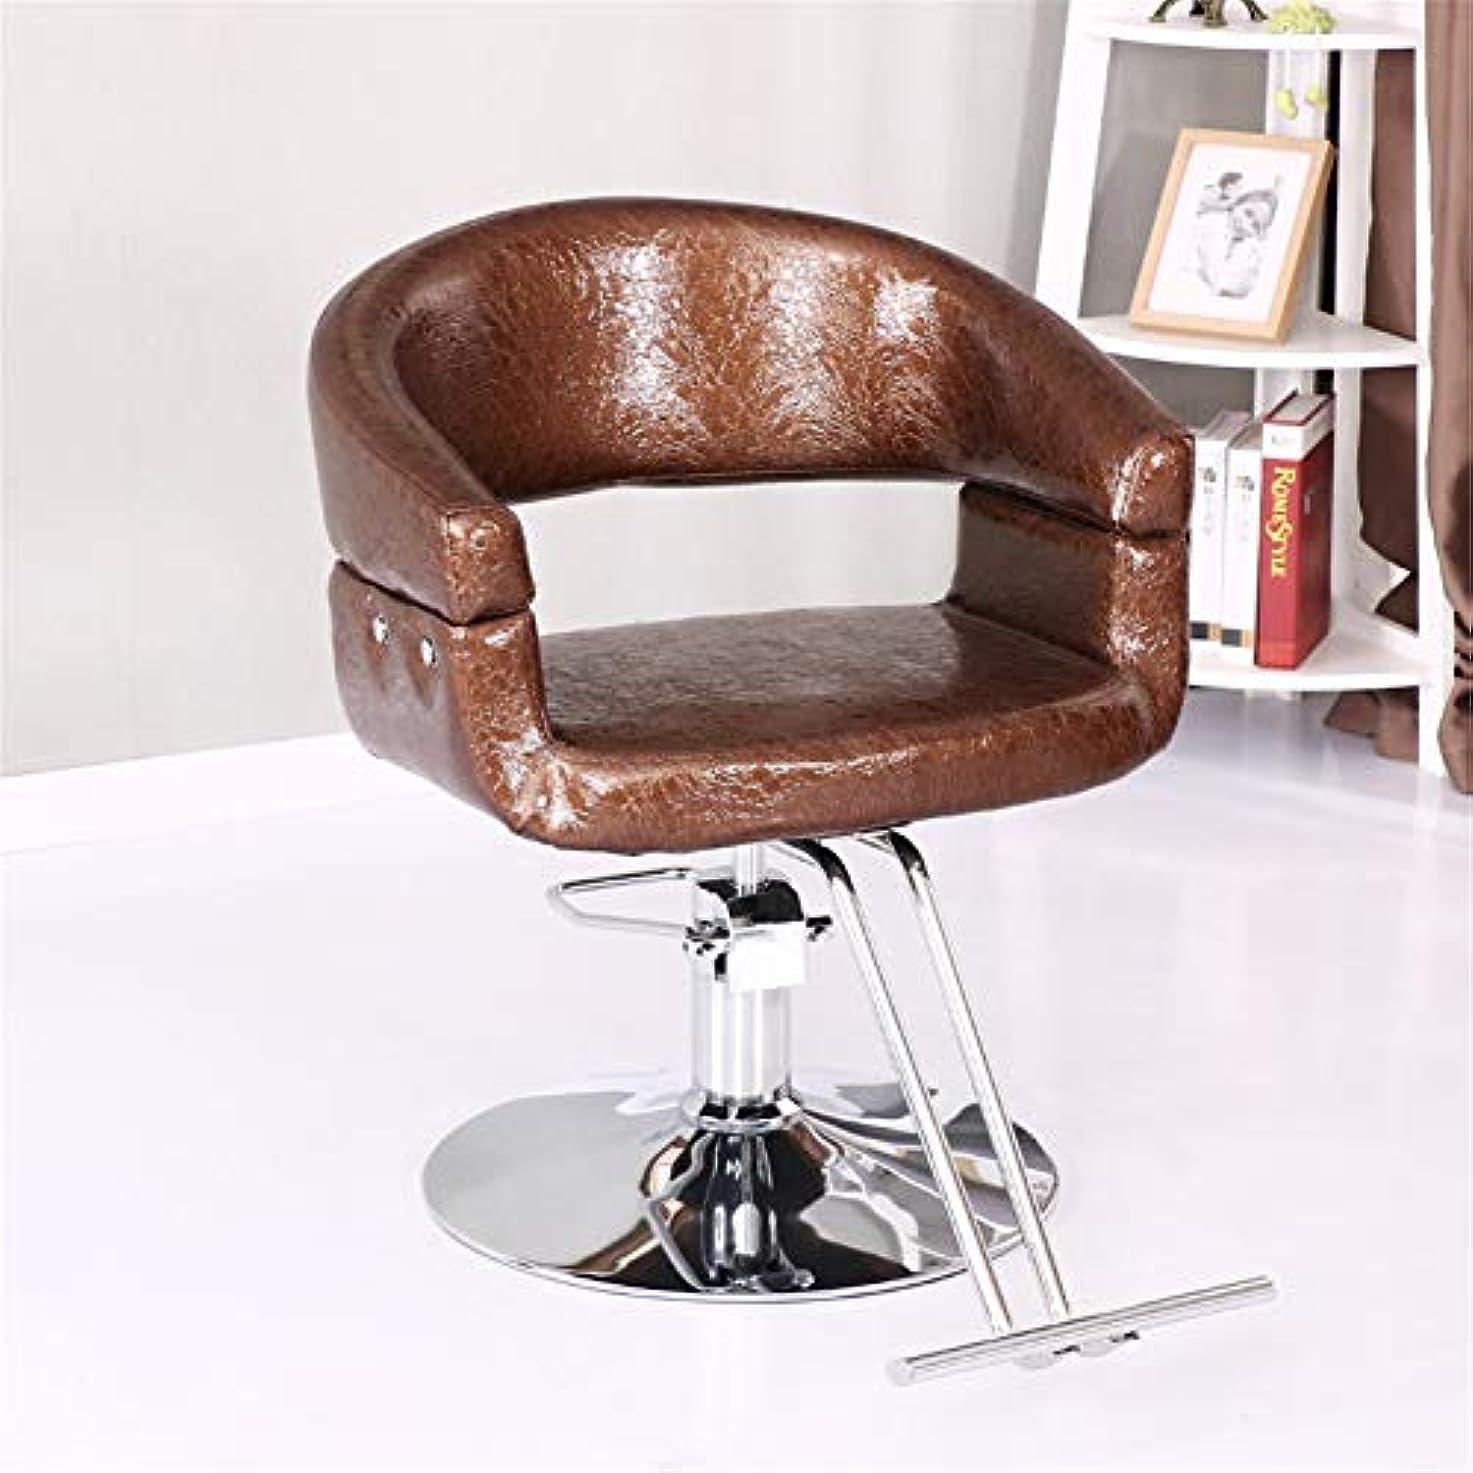 不透明なクラス寄付するSalon Chair Fashion Hydraulic Barber Chair Styling Beauty Salon Equipment Round Base Stable Comfort,Brown,B